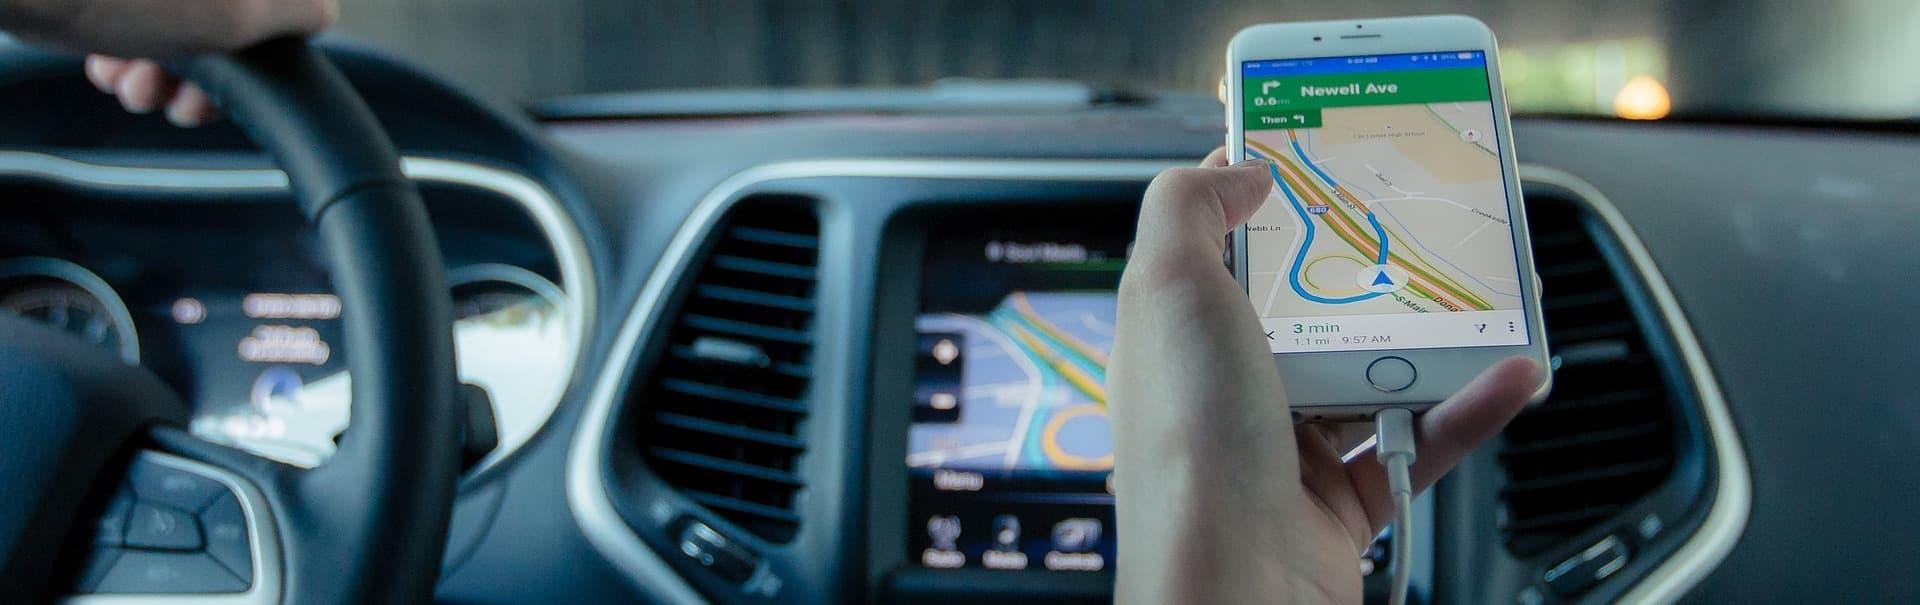 Auto Service Centers Near Me - Find Auto Repair Locations ...